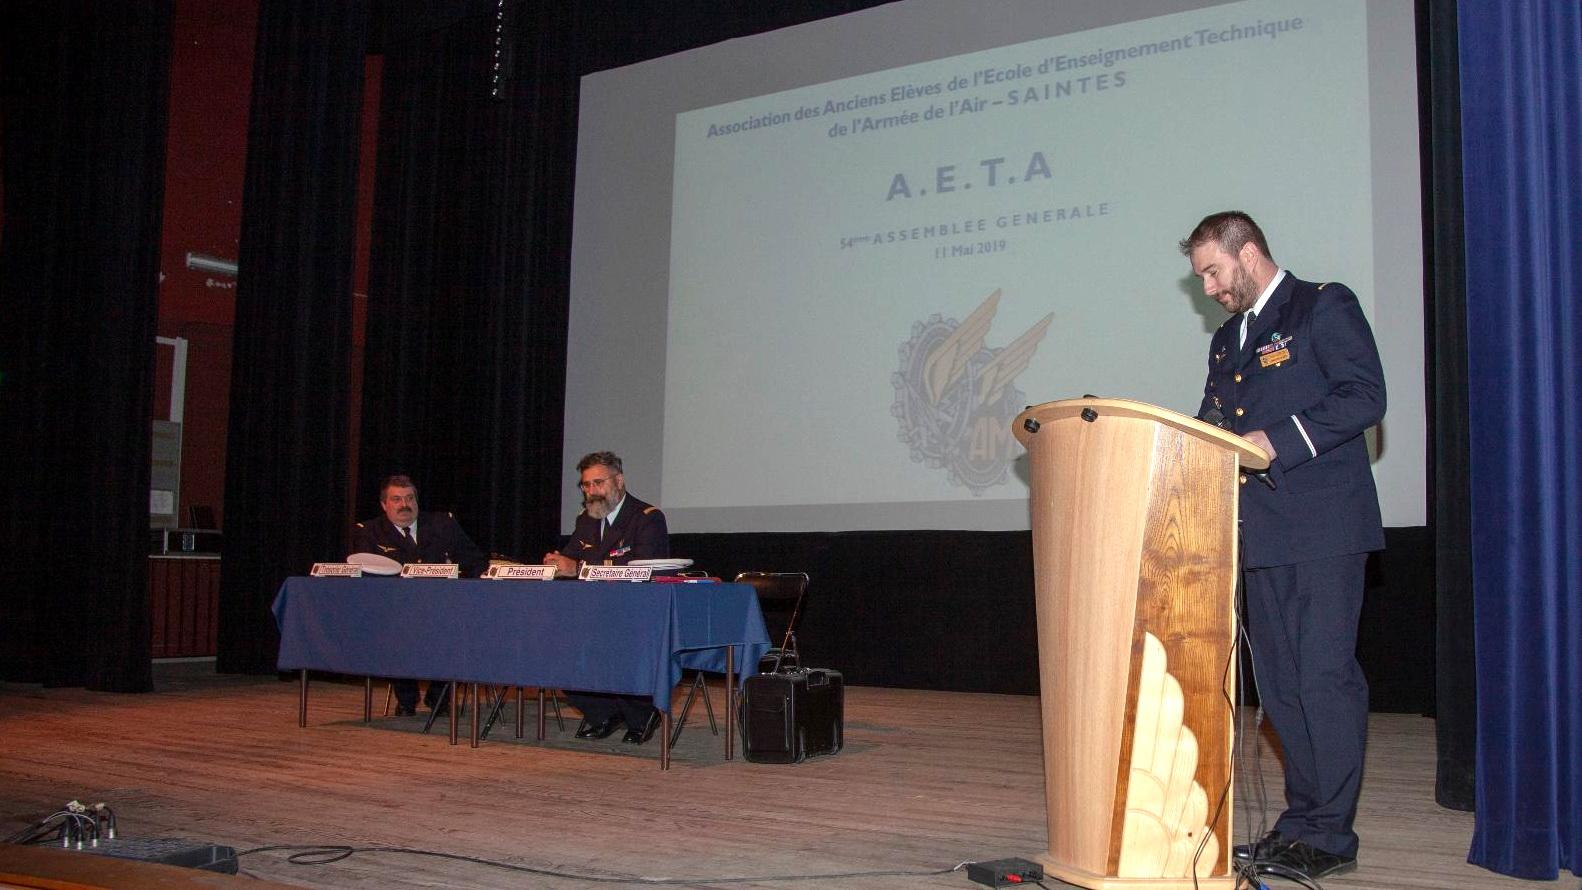 Photos de l'Assemblée Générale 2019 de l'AETA 96